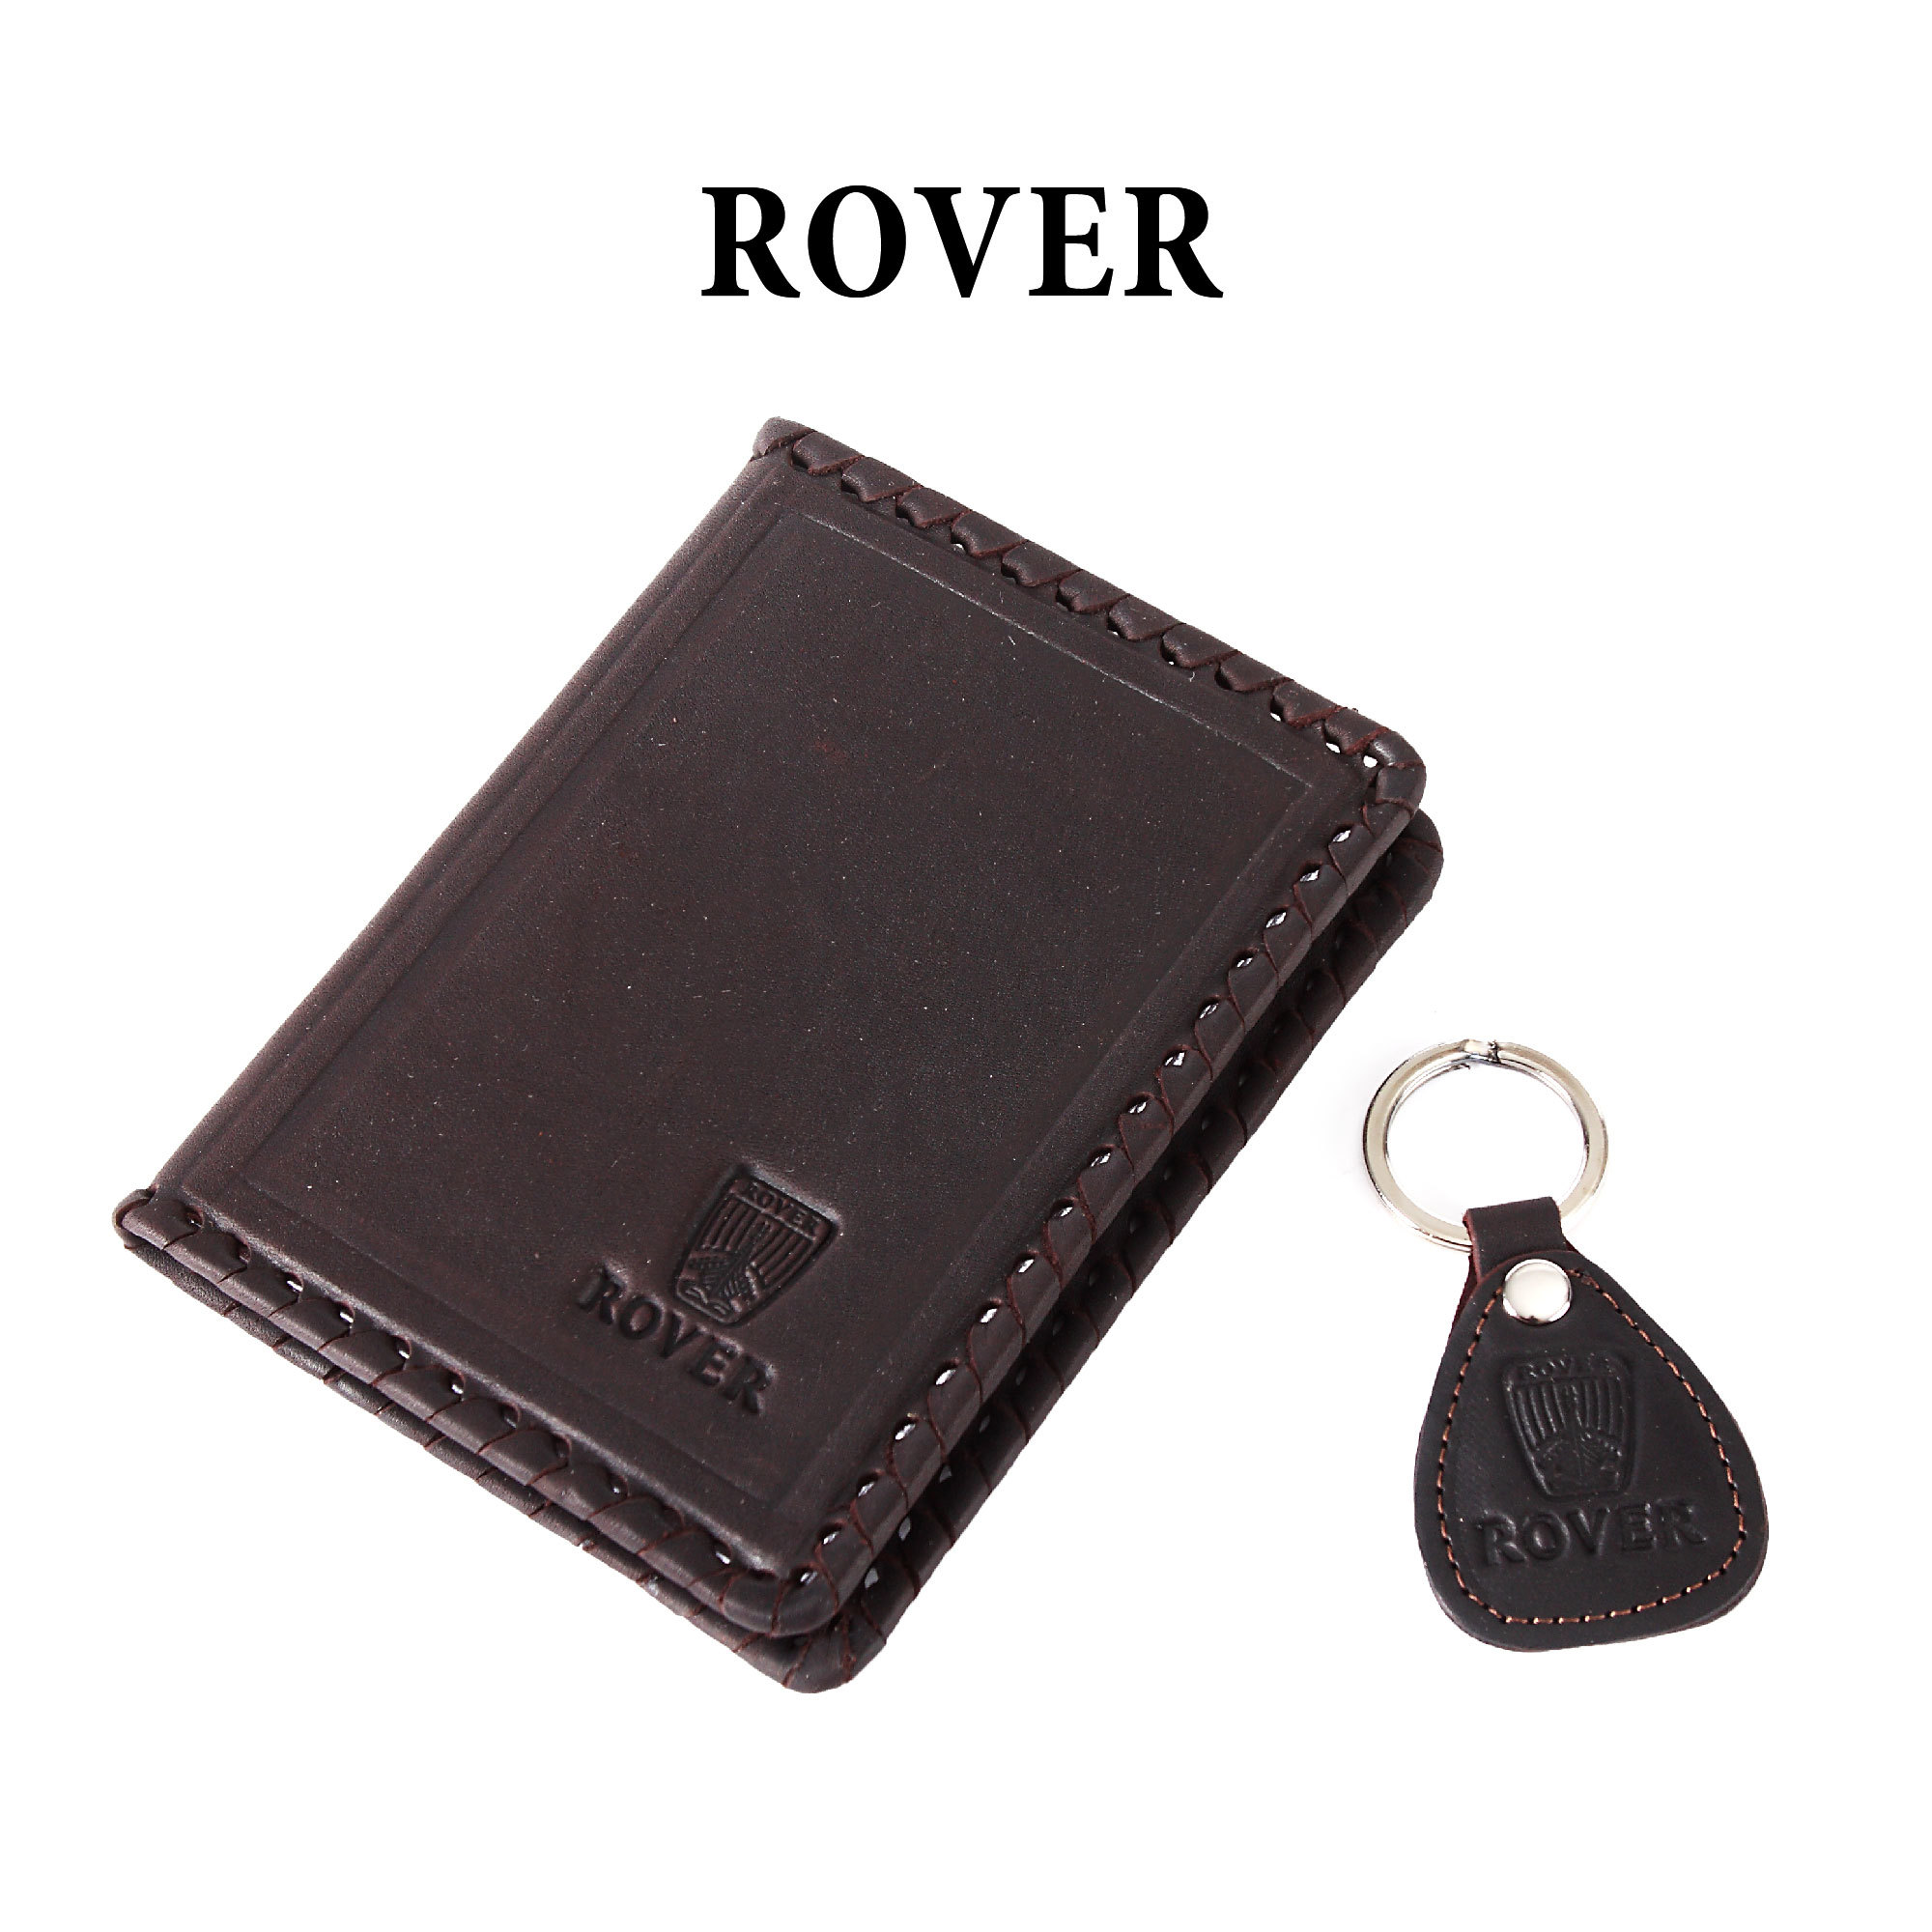 Обложка для водительского удостоверения с брелком «ROVER»